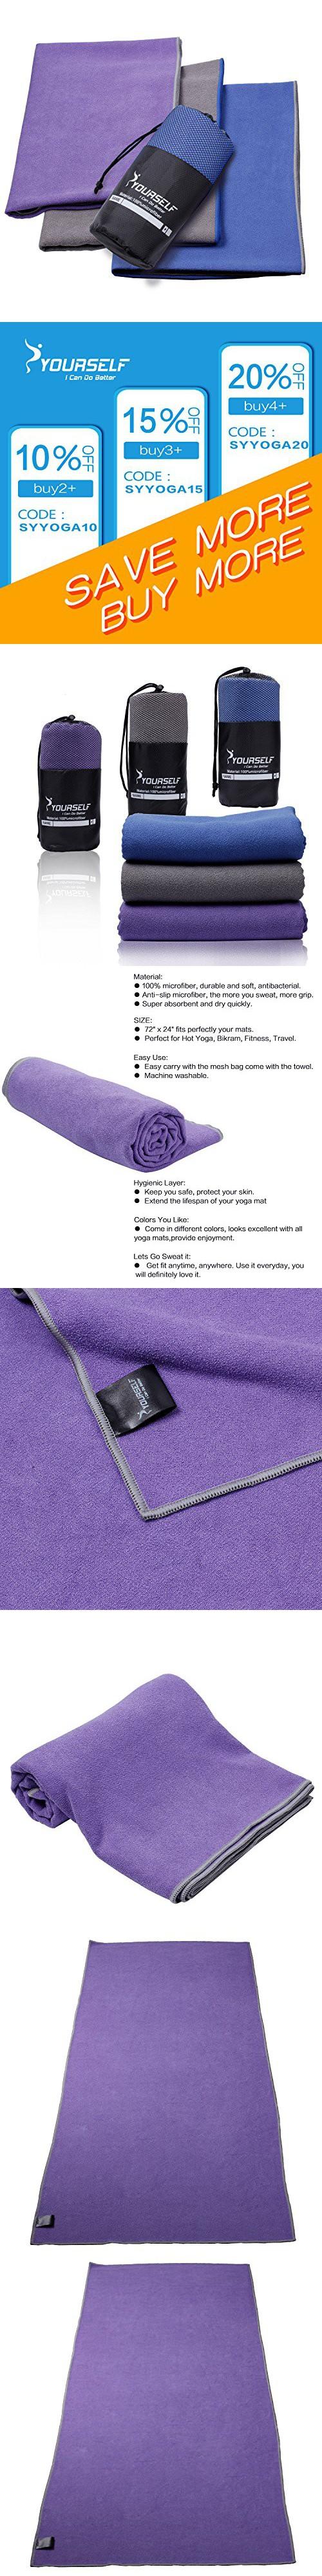 Syourself yoga towel